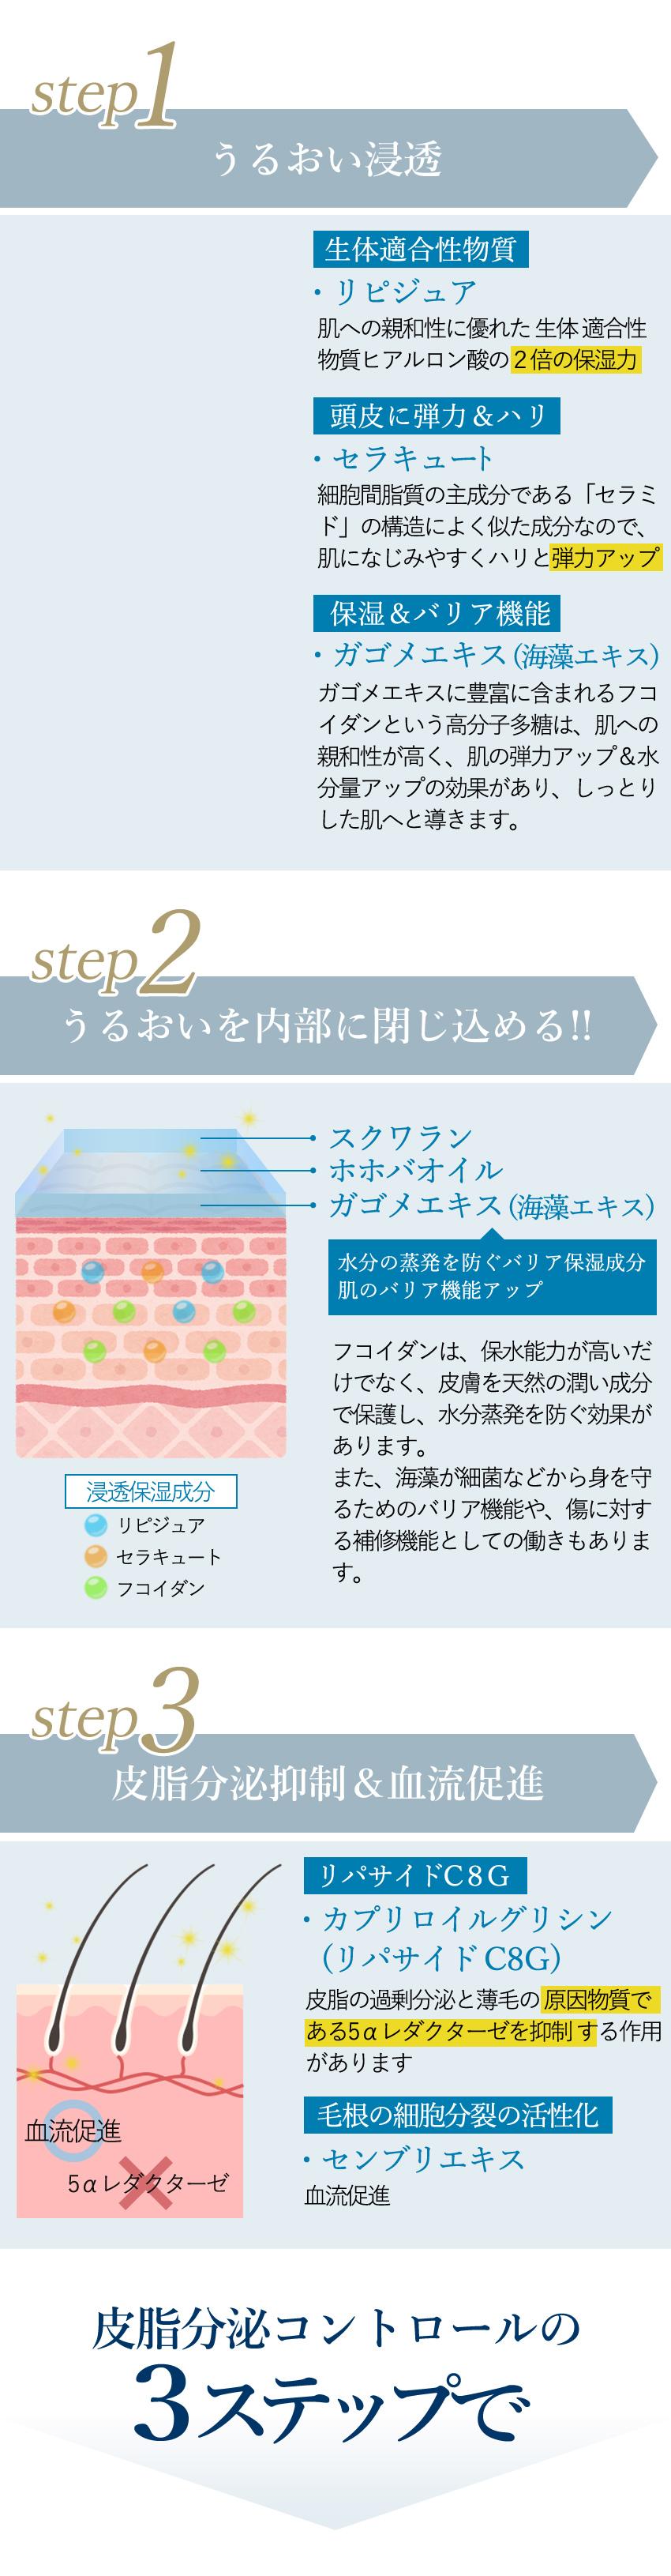 皮脂分泌コントロールの3ステップ